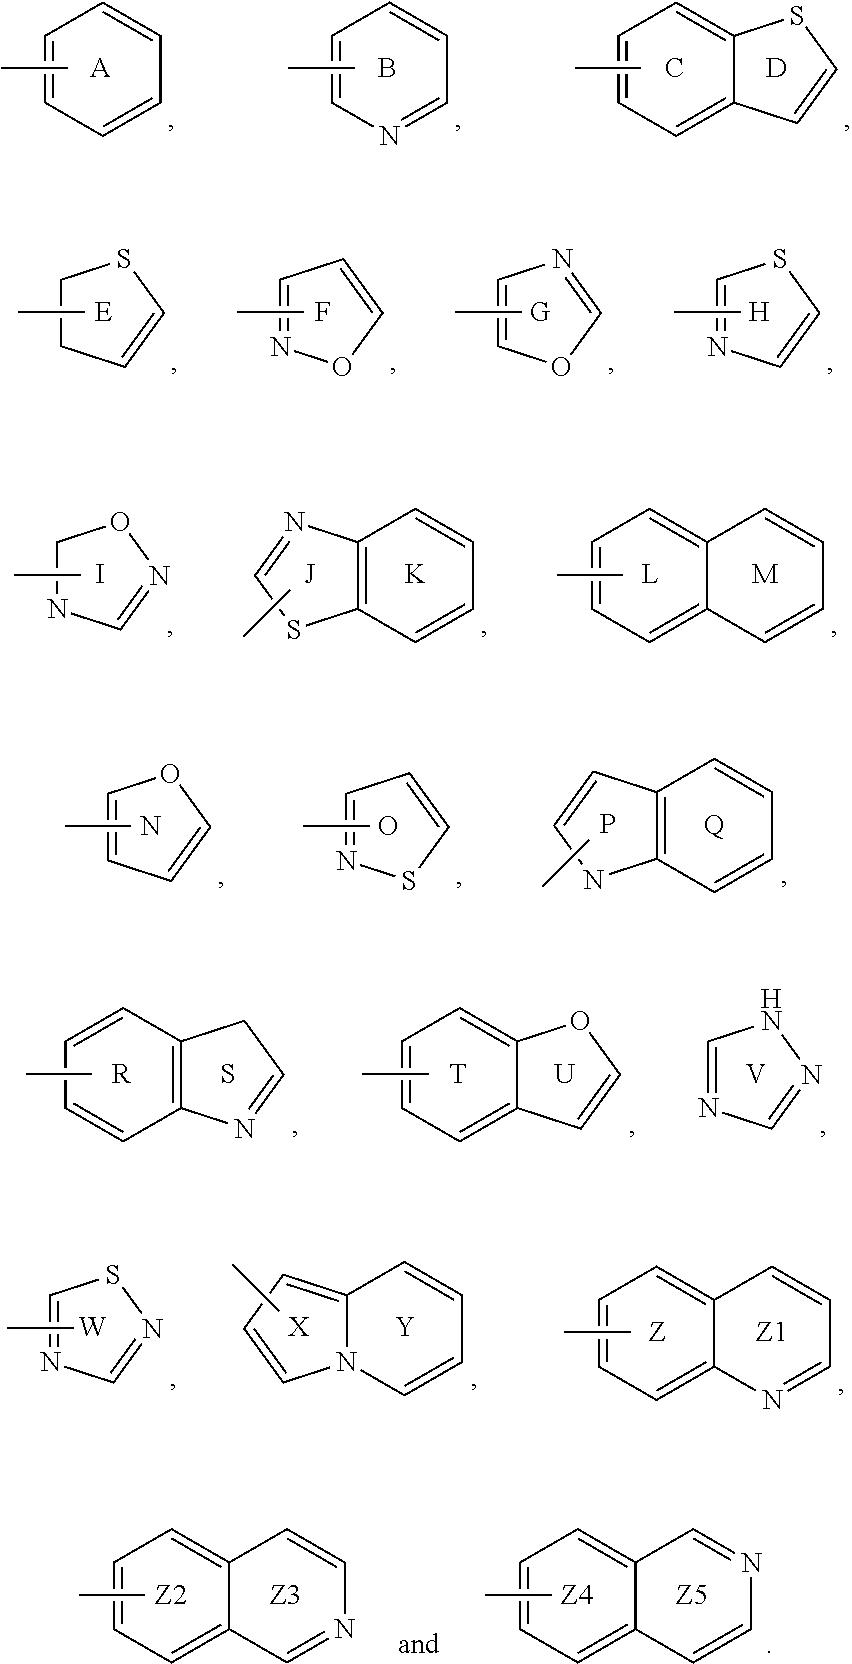 Figure US09272996-20160301-C00016